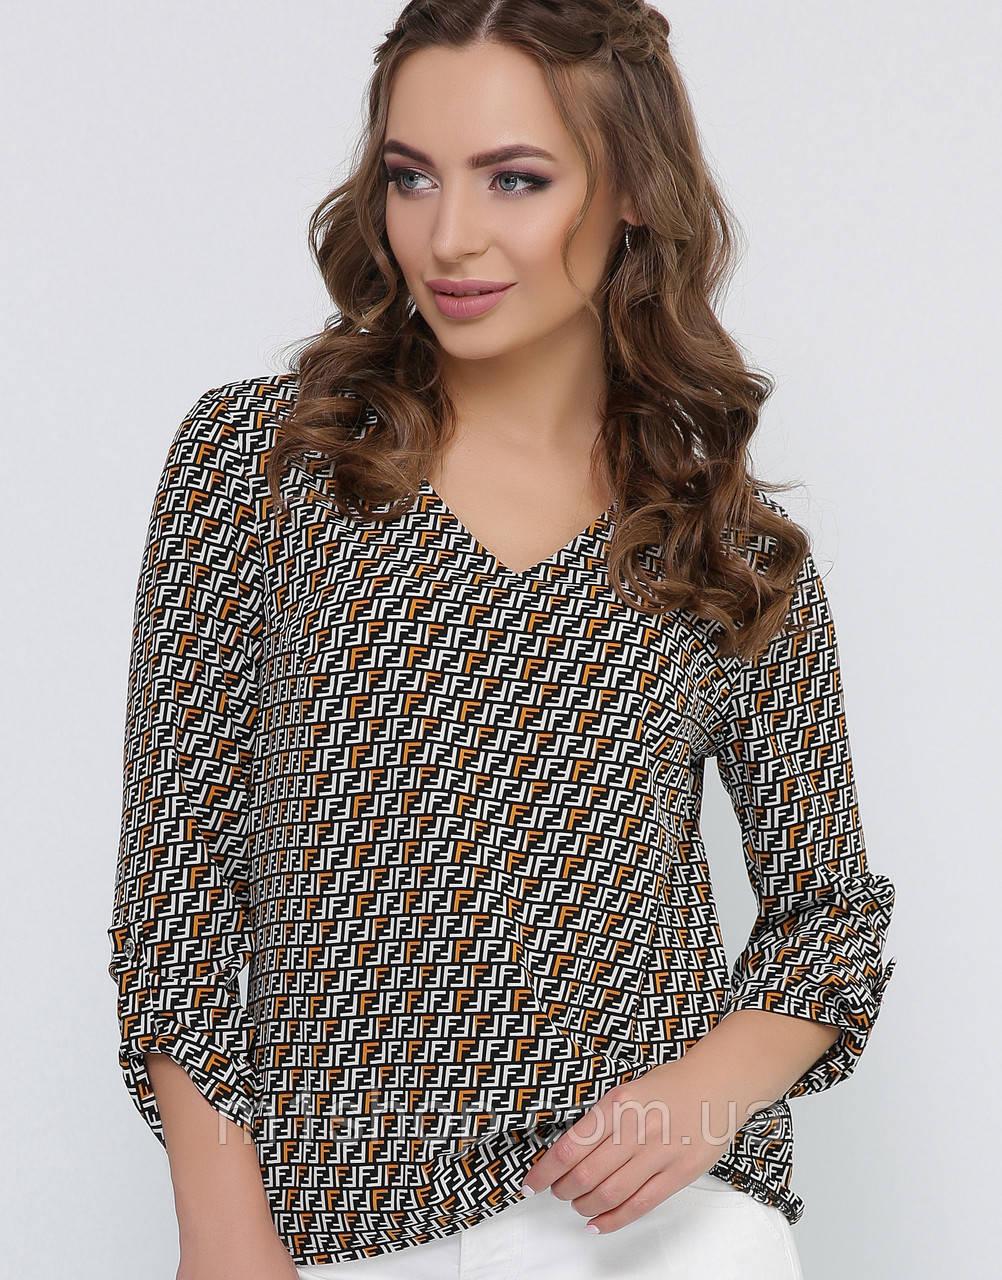 Женская блузка с геометрическим принтом (1819 mrs)